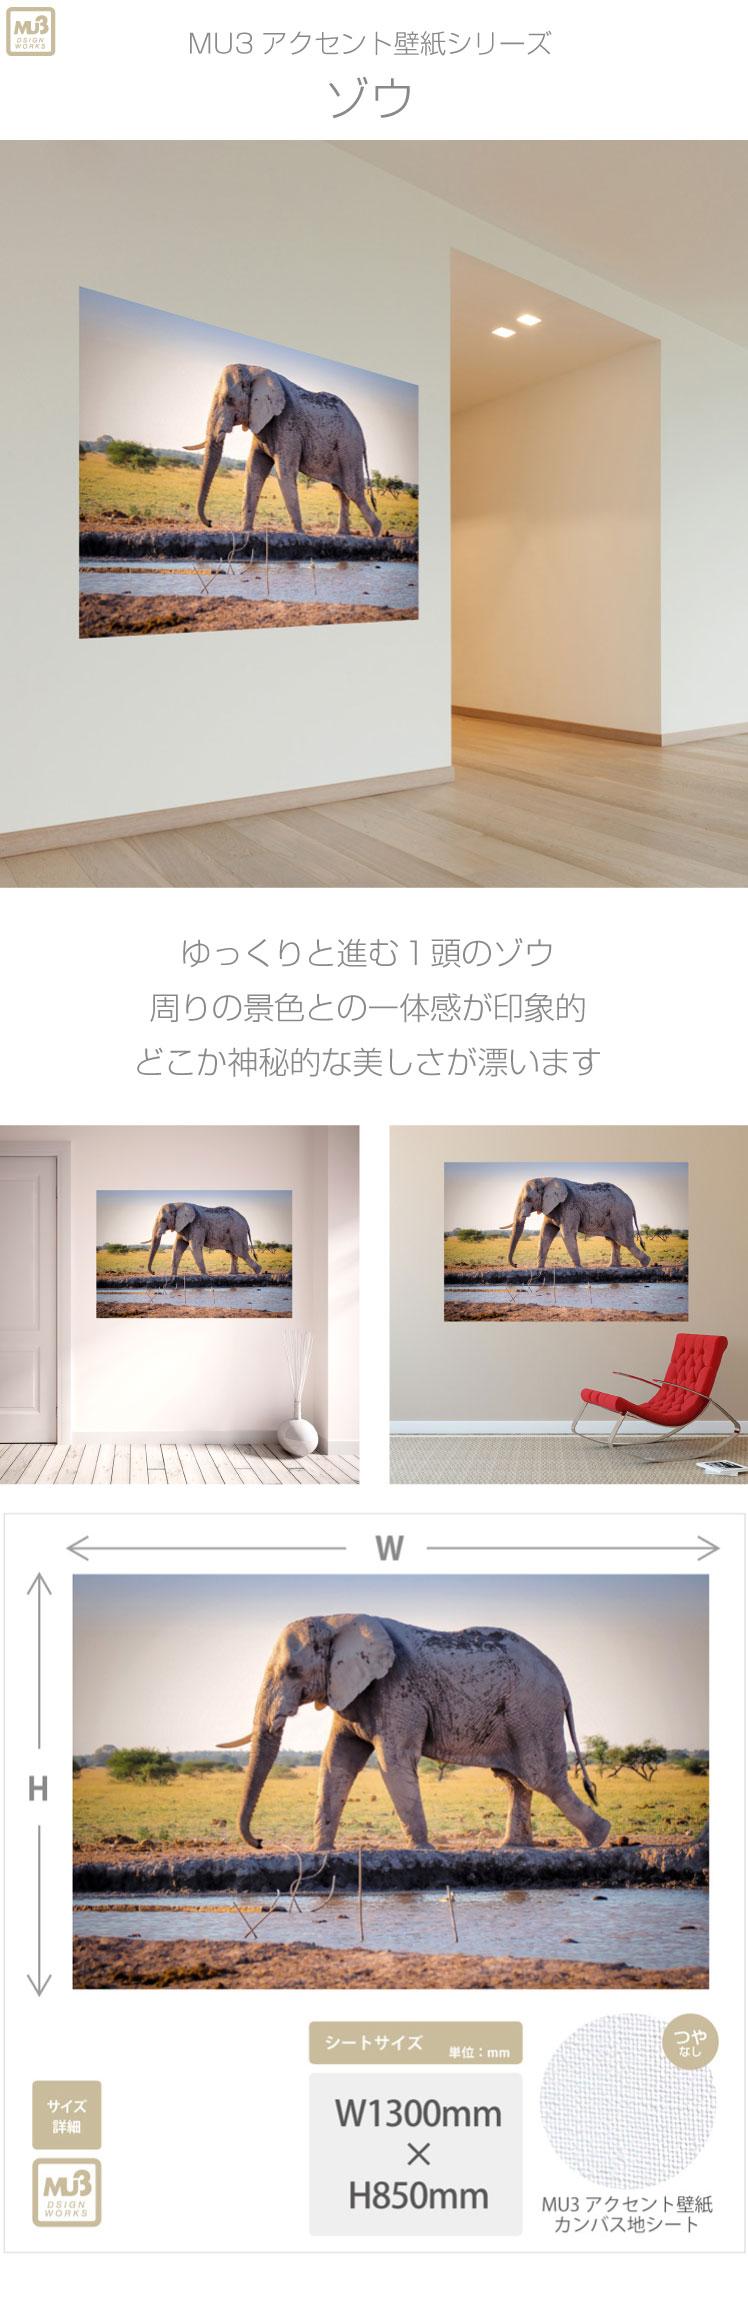 ポスター ゾウ Tp3011 モノクロ写真 Mu3アクセント壁紙 草原